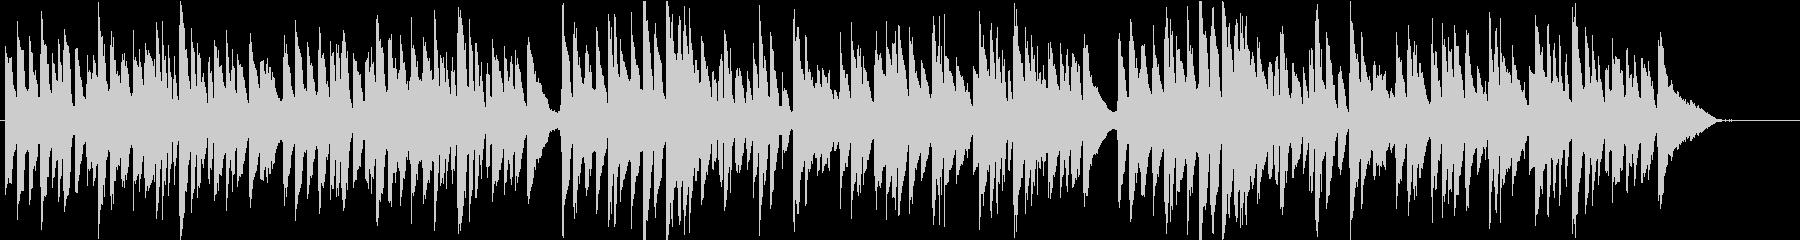 バッハ/メヌエット1/へたっぴバイオリンの未再生の波形